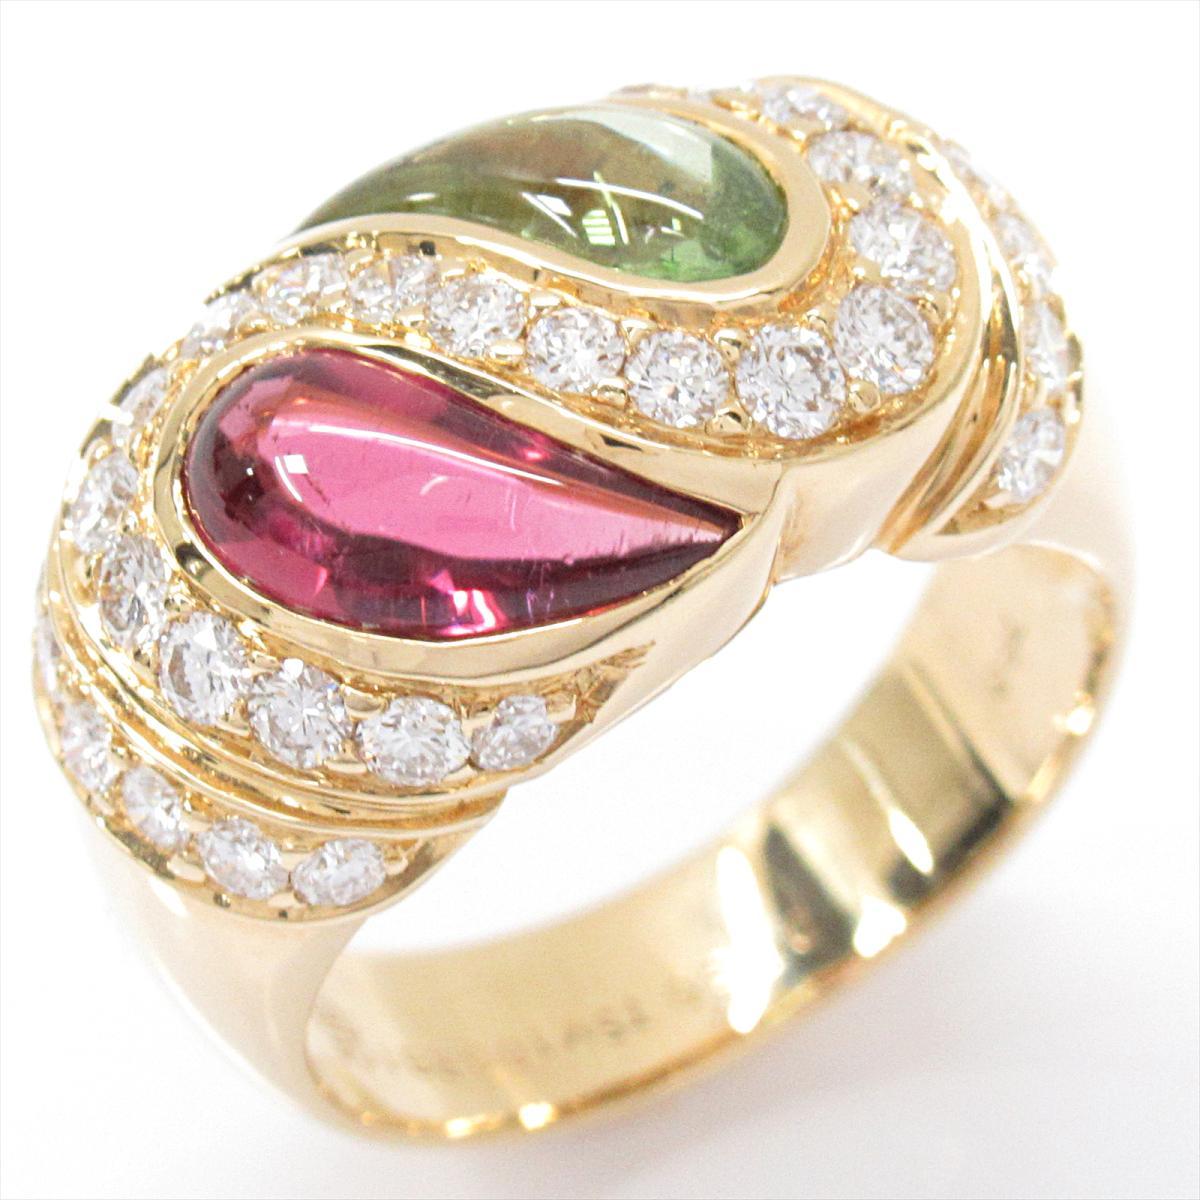 ギ・ラロッシュ トルマリン リング 指輪 ノーブランドジュエリー レディース K18YG (750) イエローゴールド x ダイヤモンド (0.80ct) 【中古】 | Guy Laroche BRANDOFF ブランドオフ ブランド ジュエリー アクセサリー